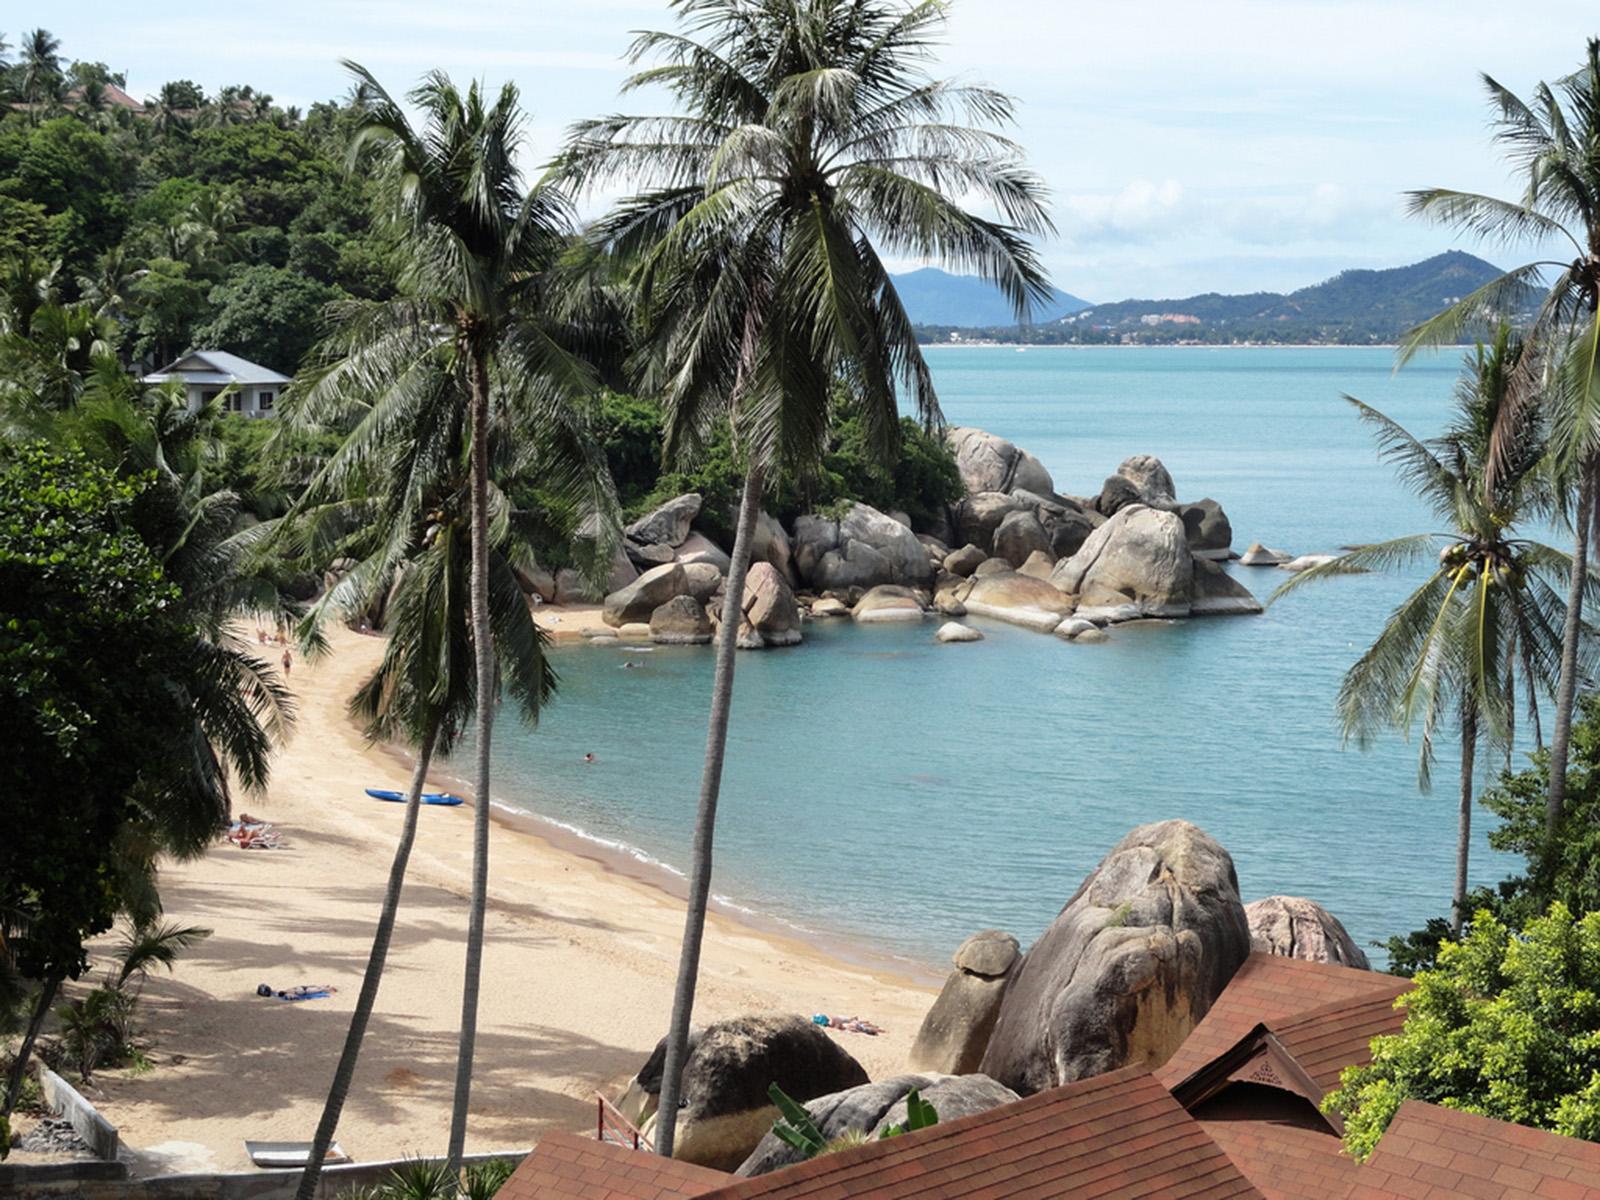 Coral Cove Beach (Ko Samui, Thailand)